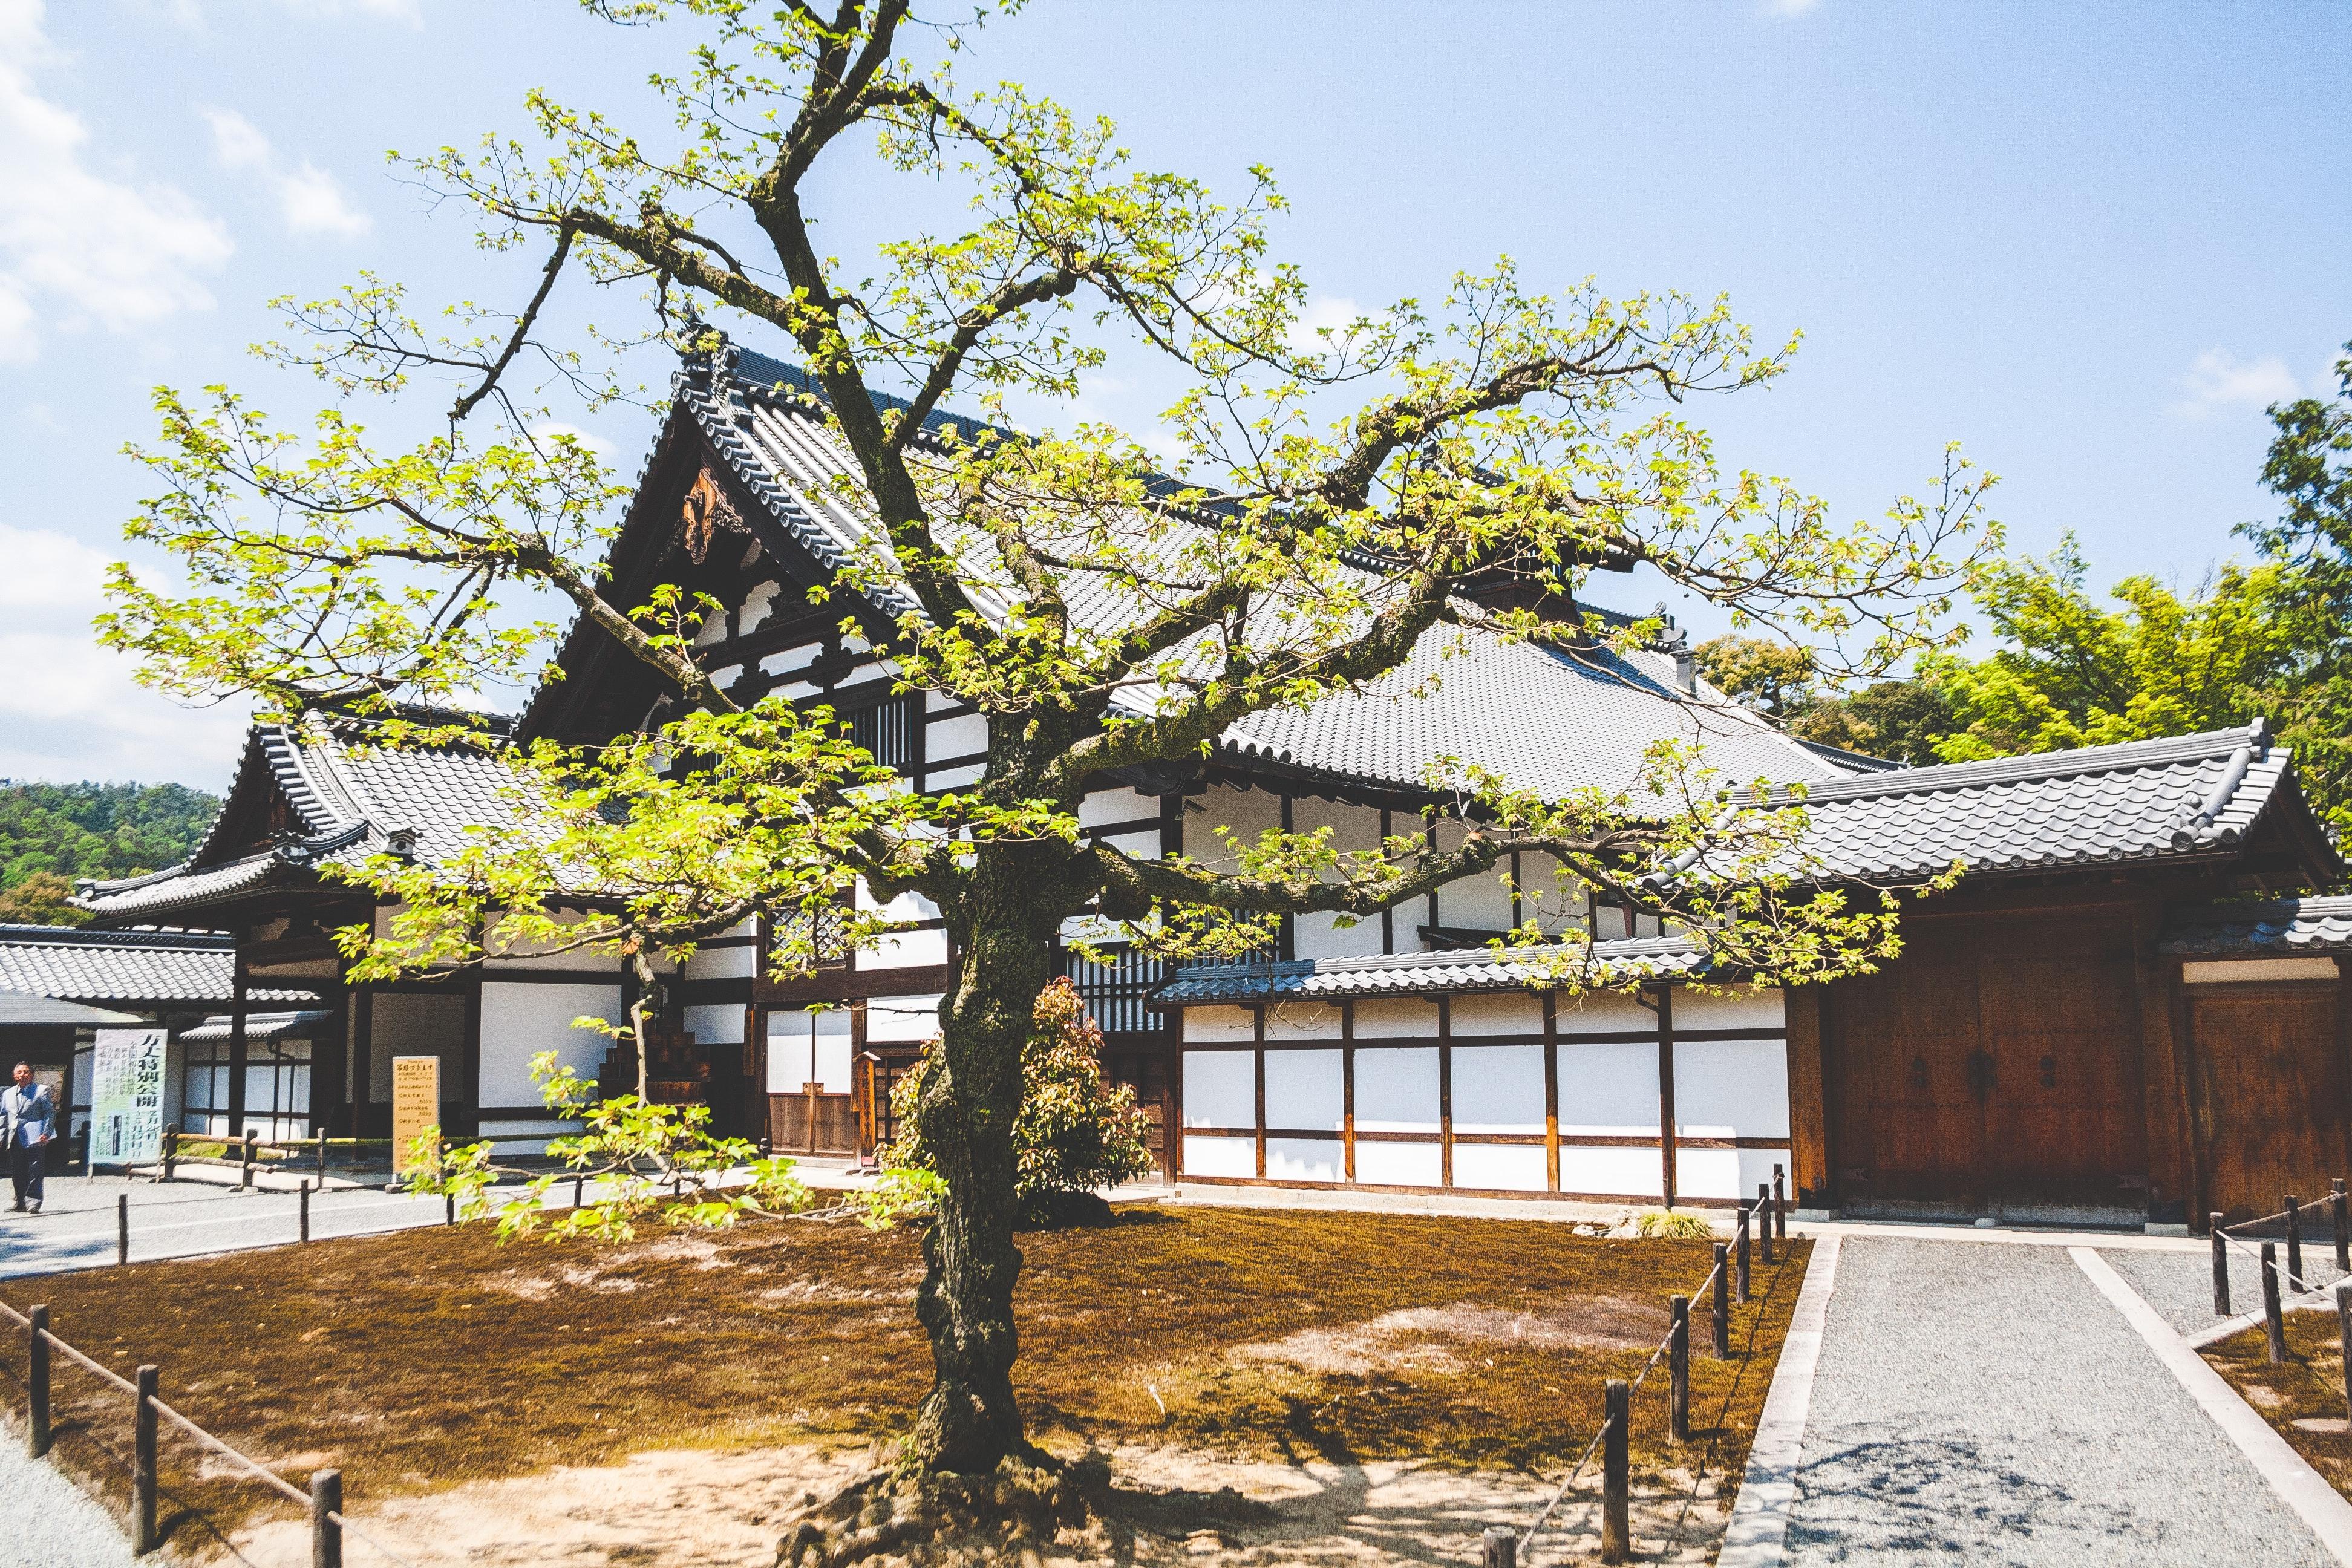 俵千枝子(あめの俵屋)の受け継ぐ伝統やその発祥について 「じろあめ」が半沢直樹でも放映されていた?